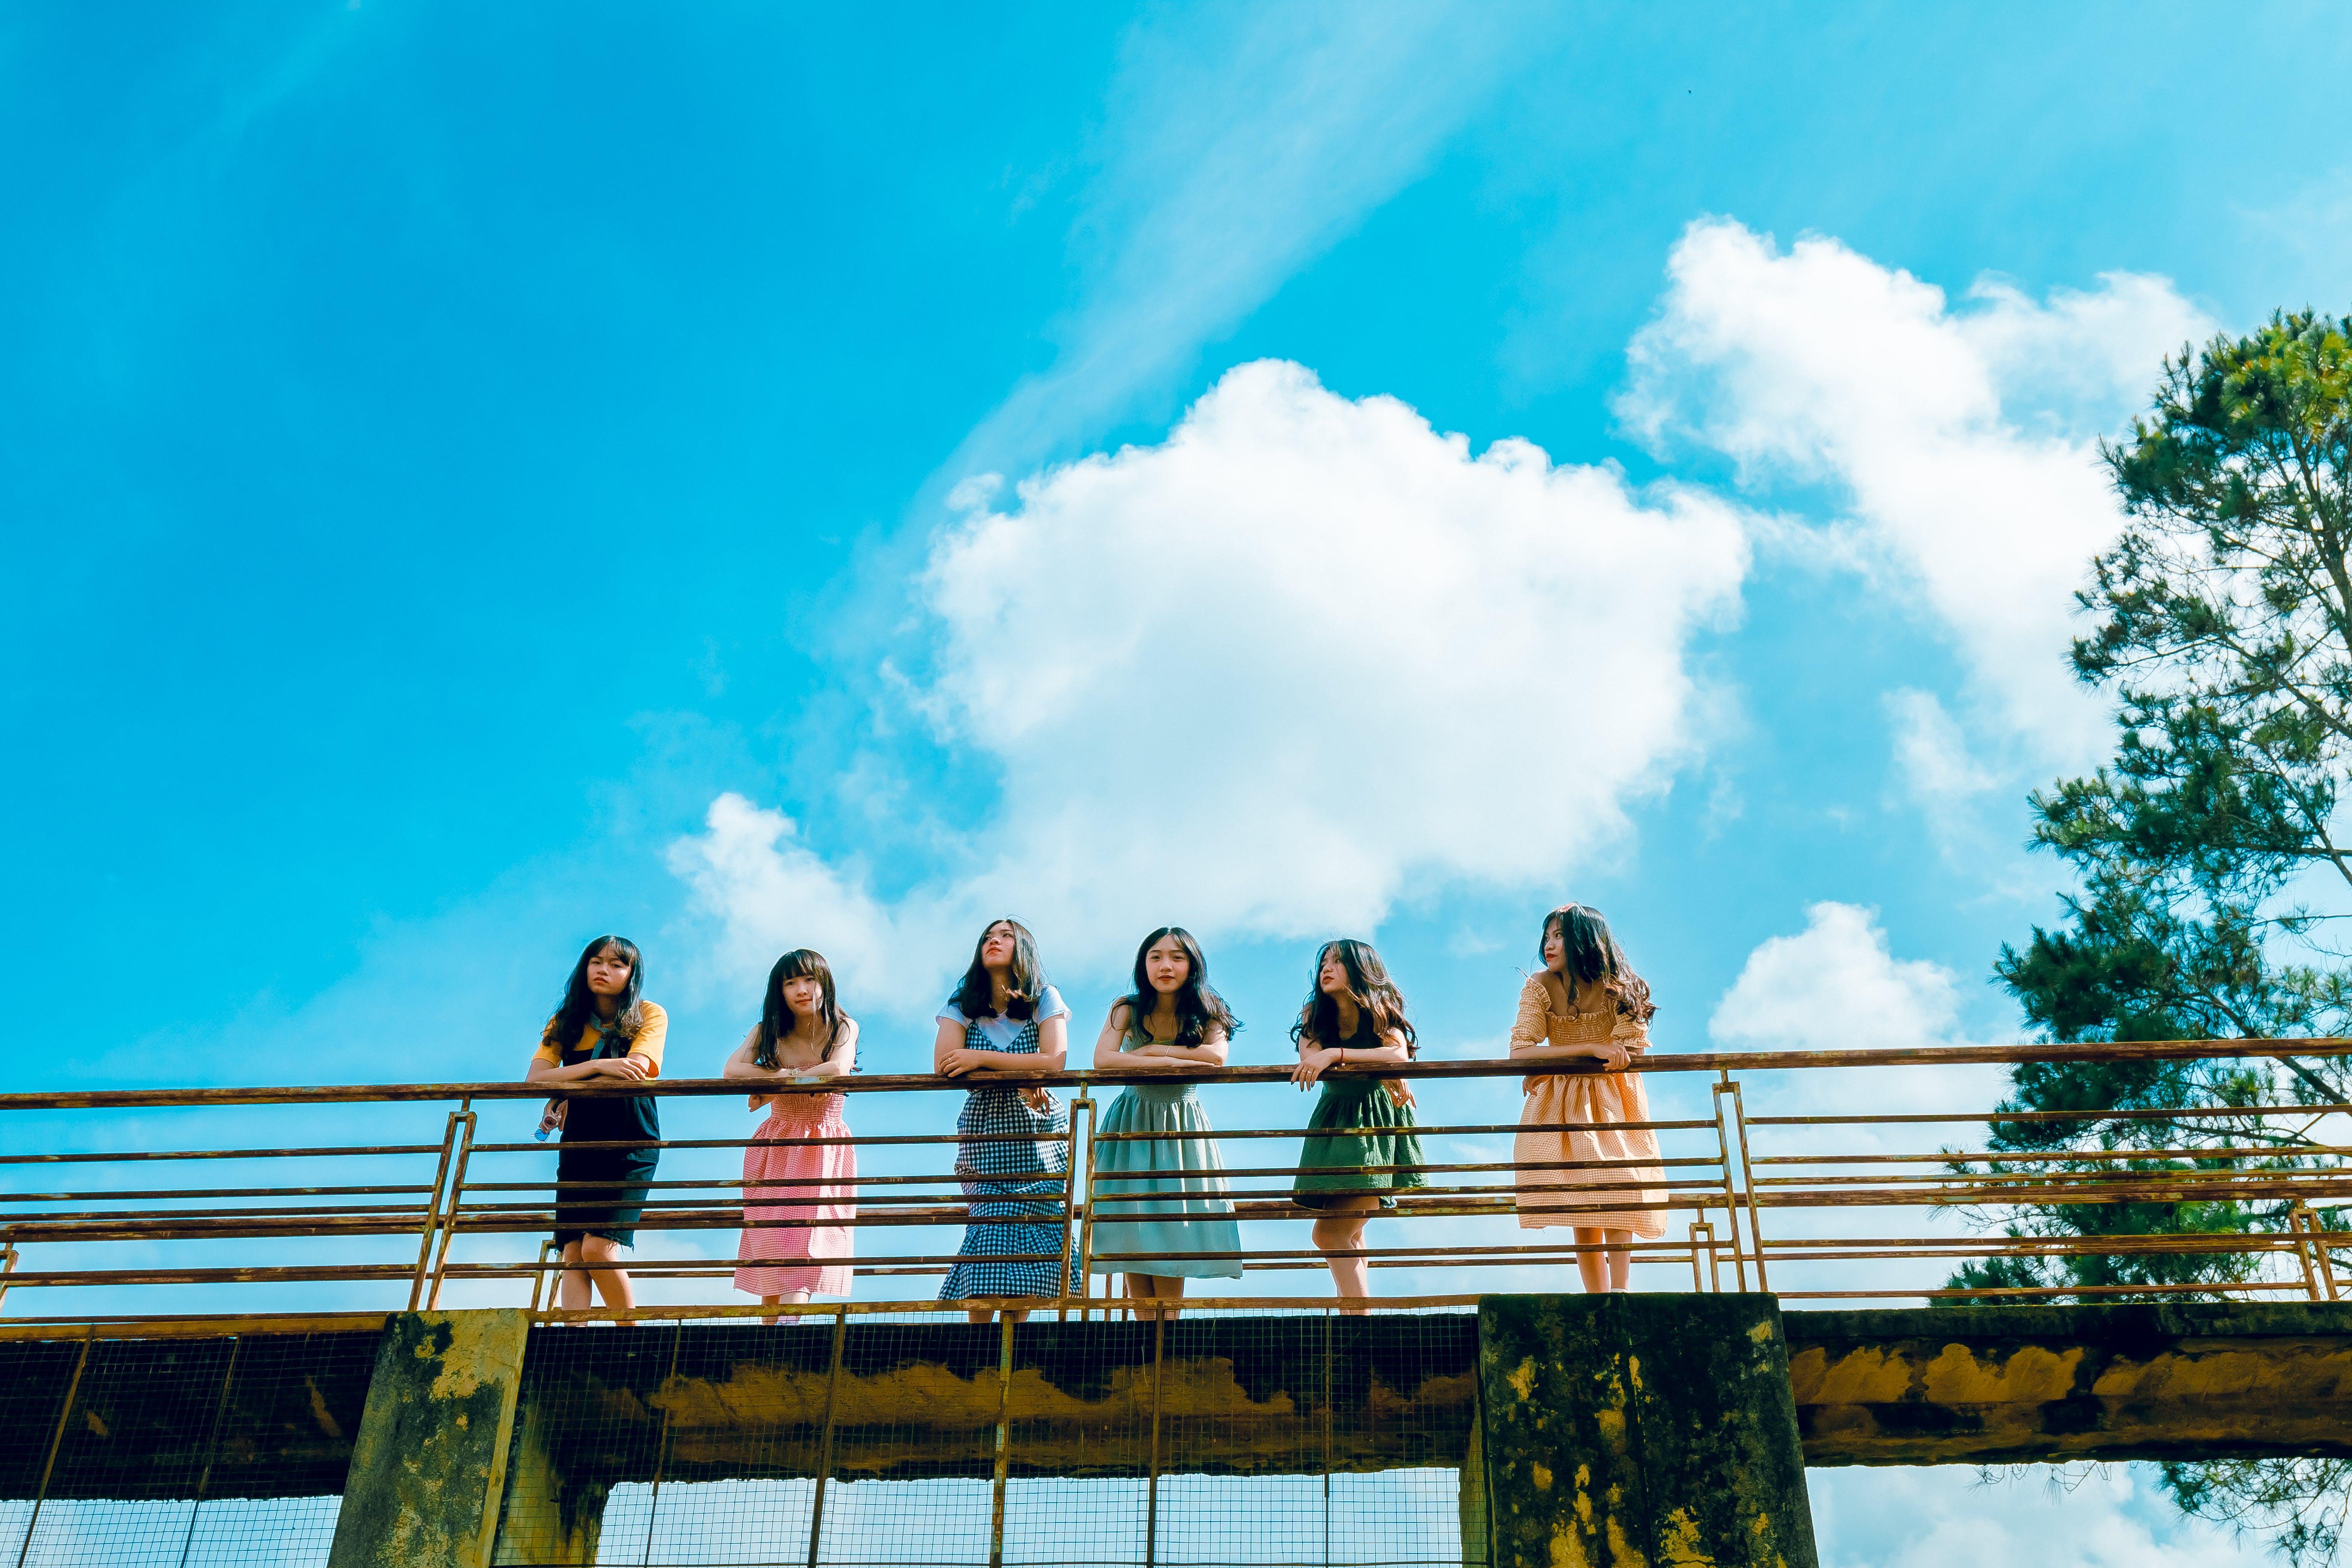 Six Women Wearing Dress Leaning on Bridge Rail